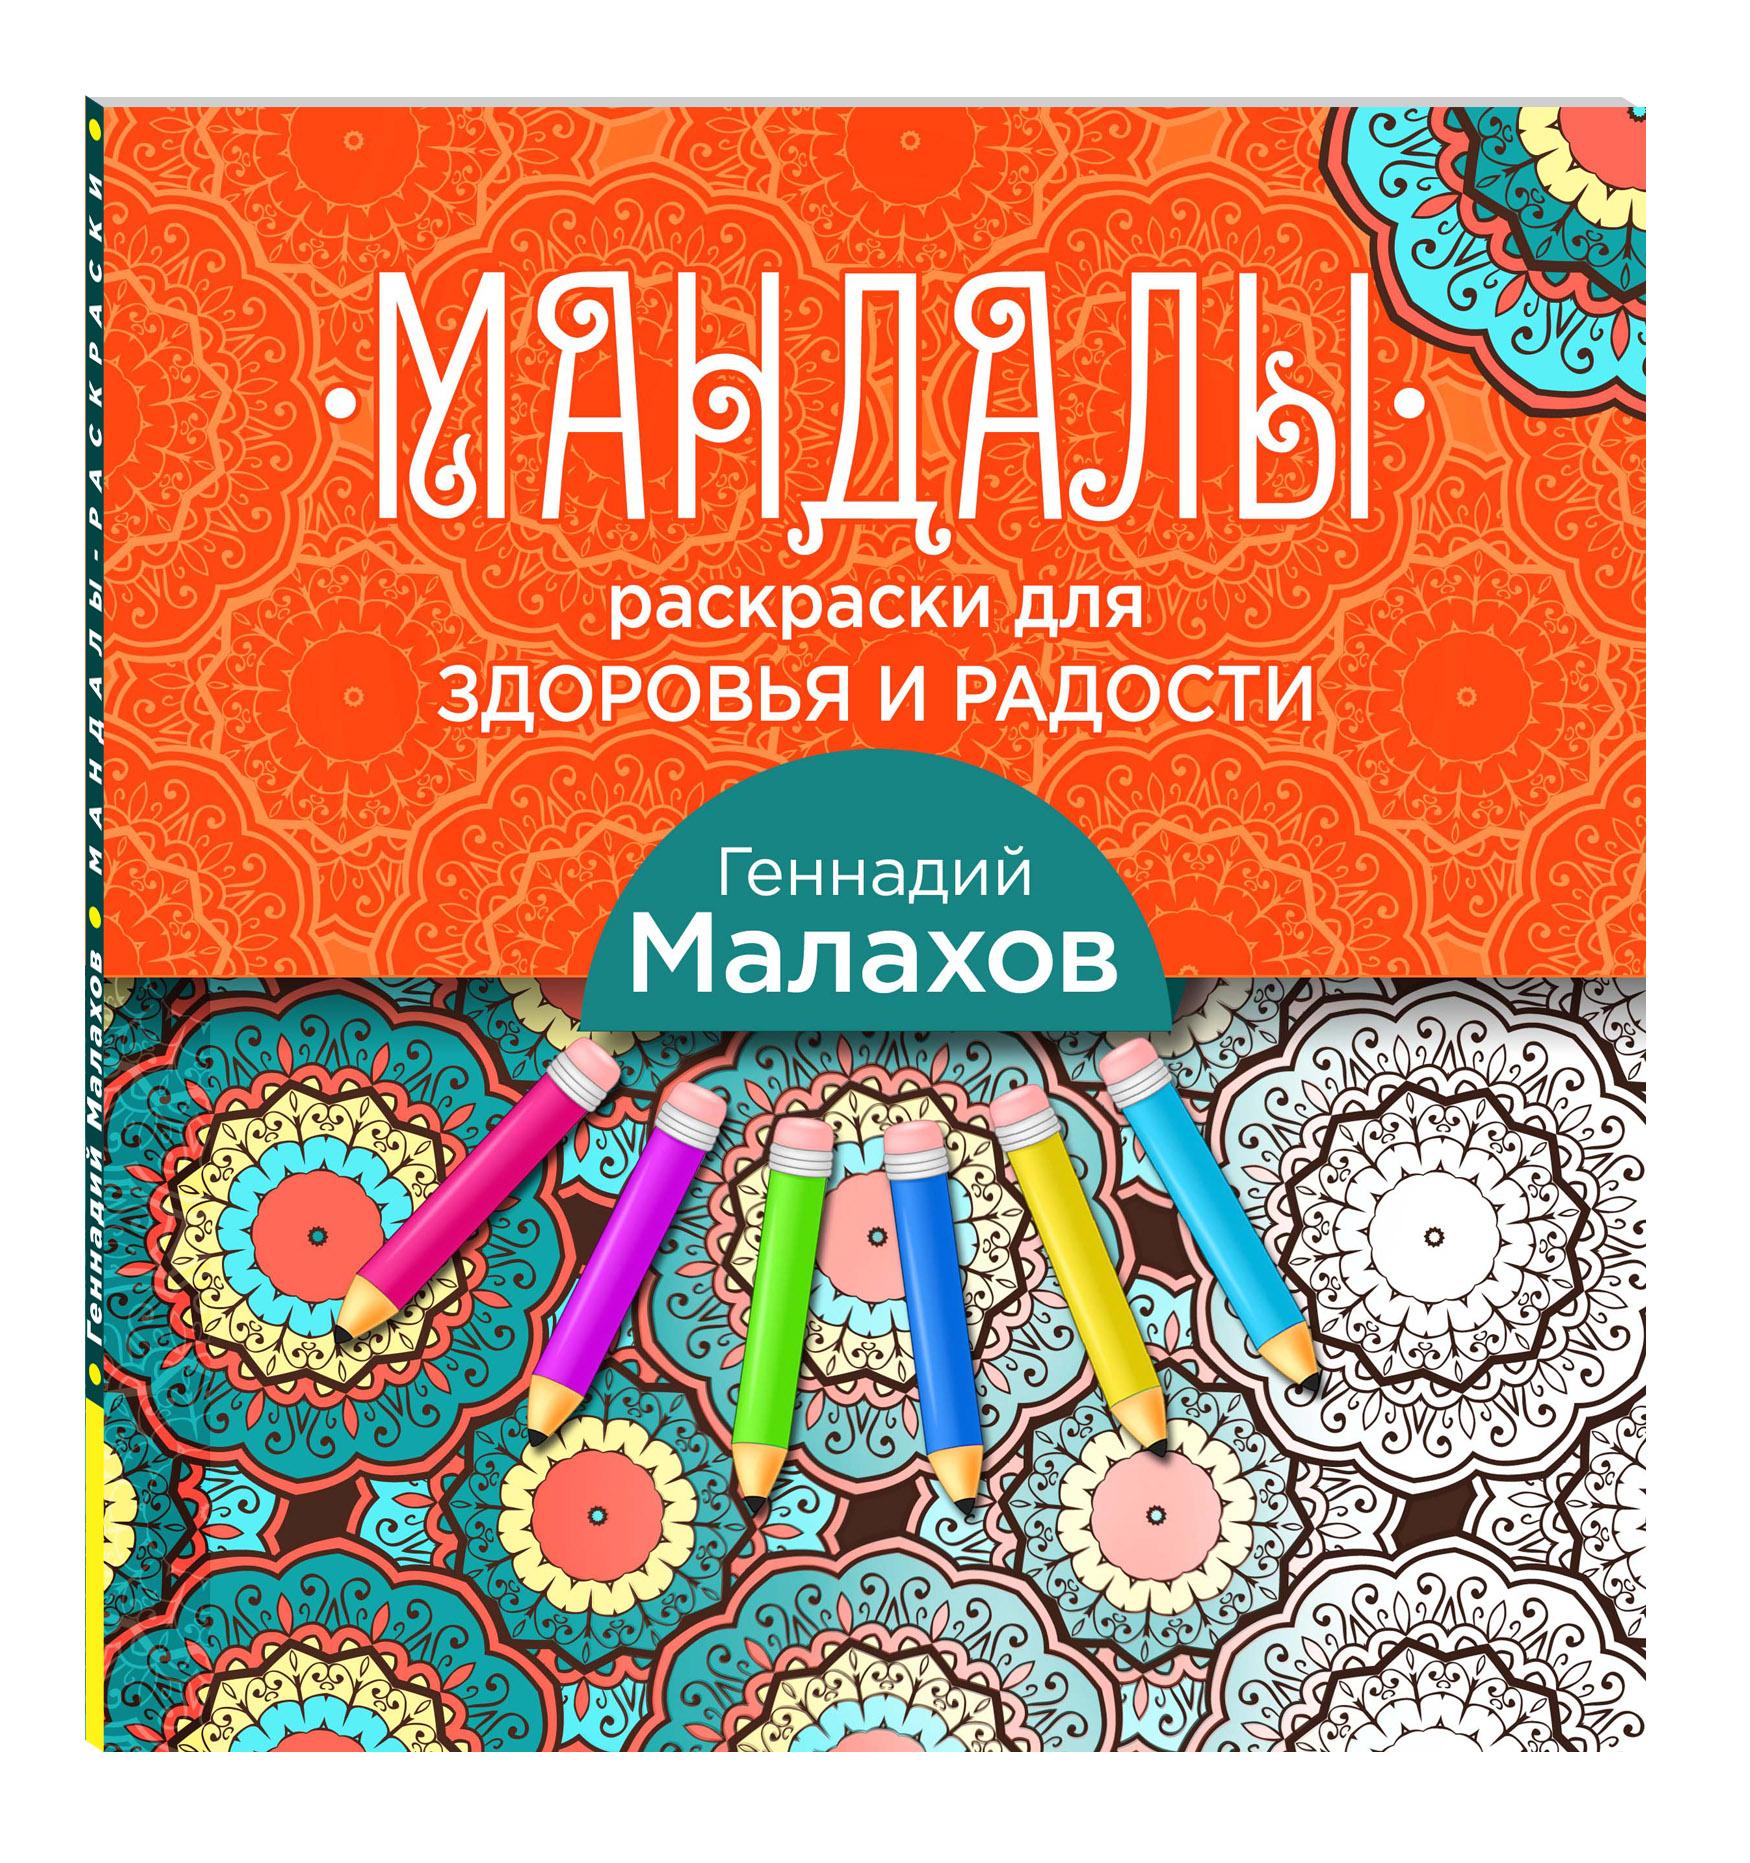 Геннадий Малахов Мандалы-раскраски для здоровья и радости малахов г мандалы раскраски для здоровья и радости